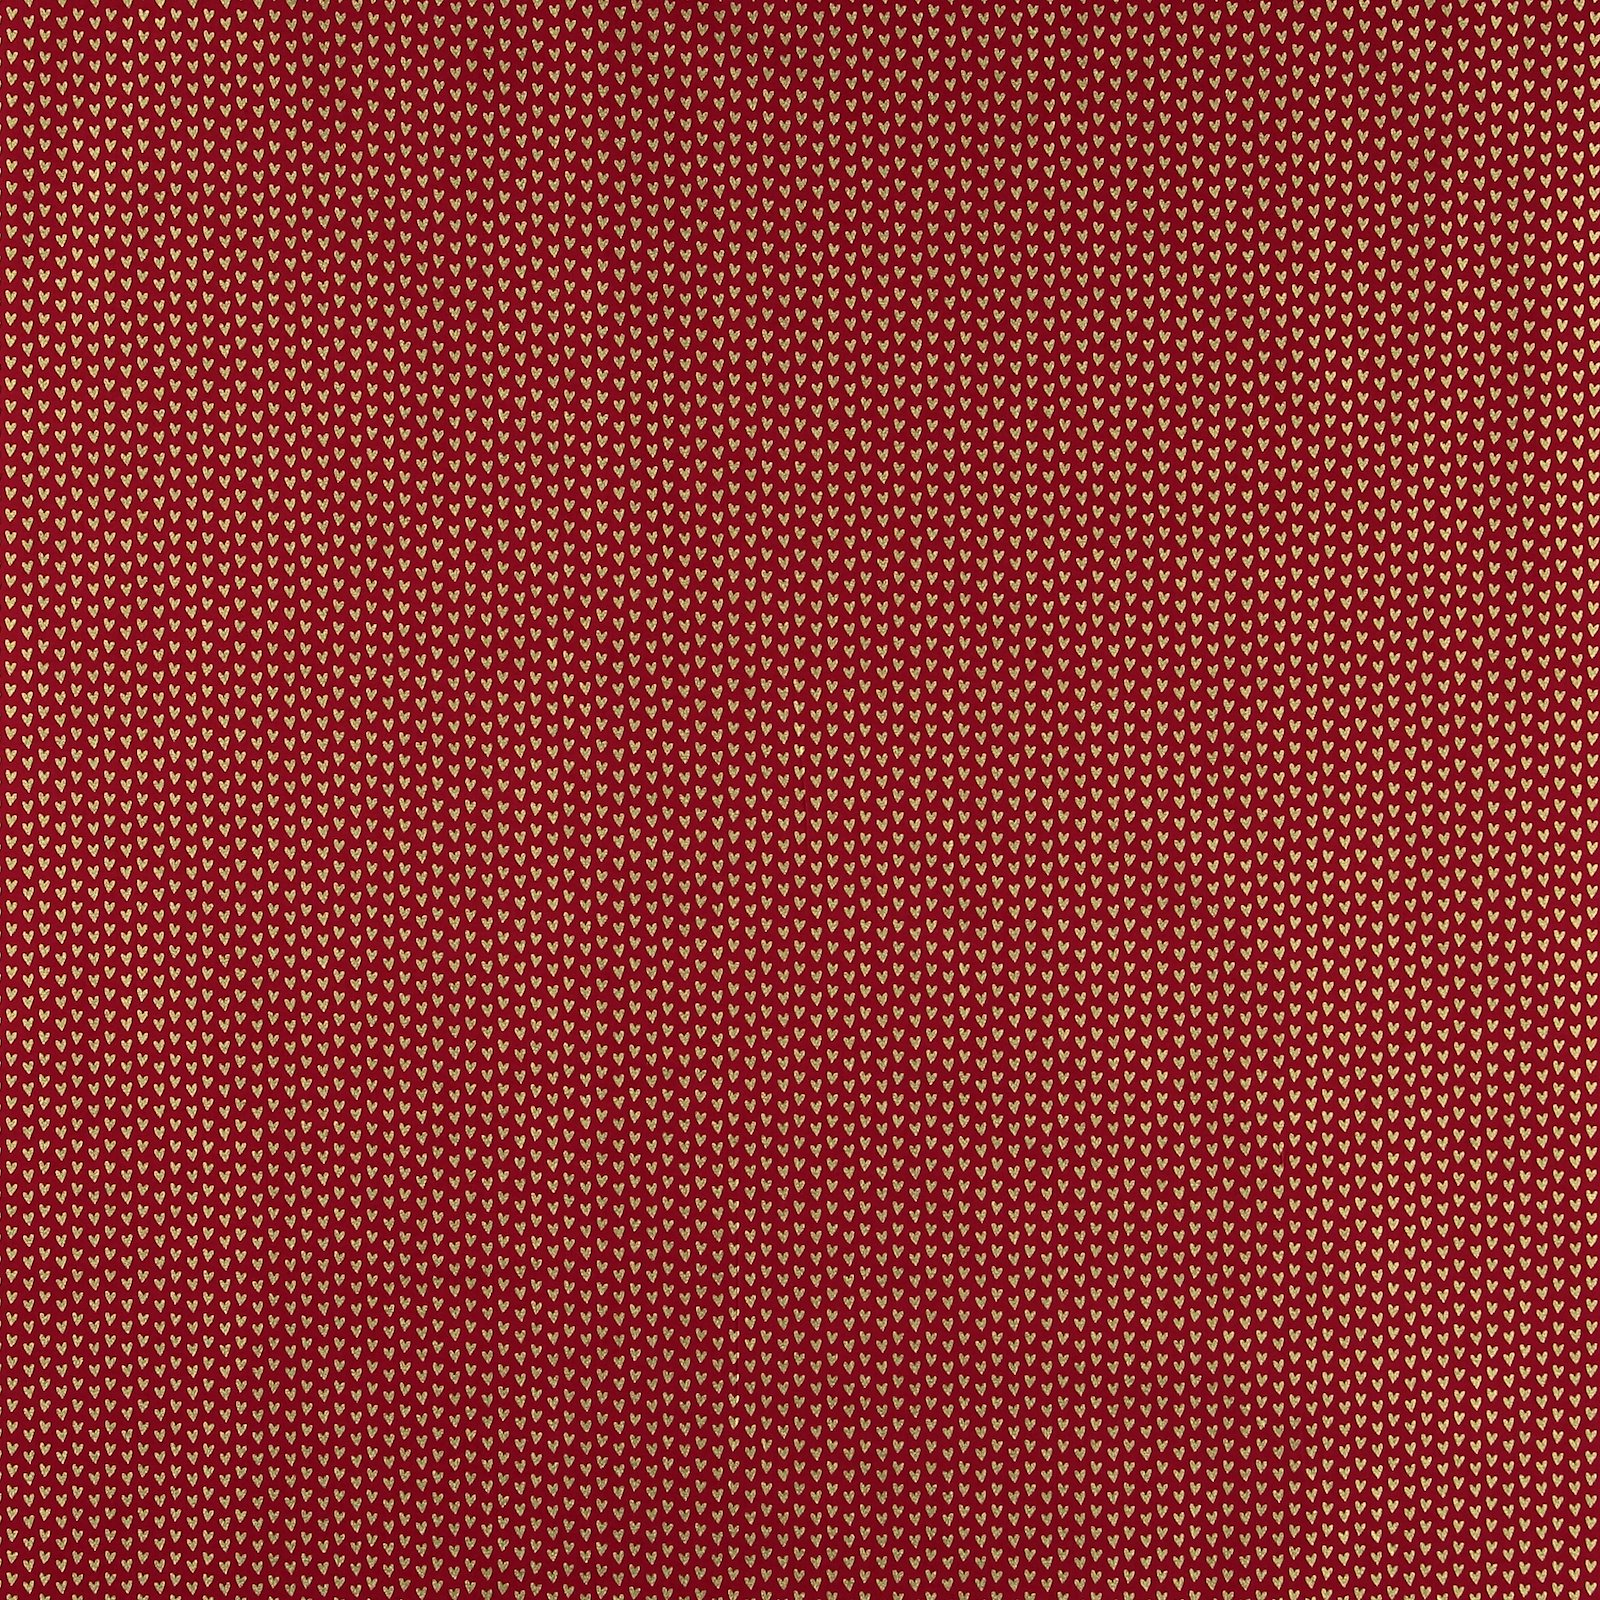 Baumwolle, Klassisch rot, gold. Herzen 852397_pack_sp